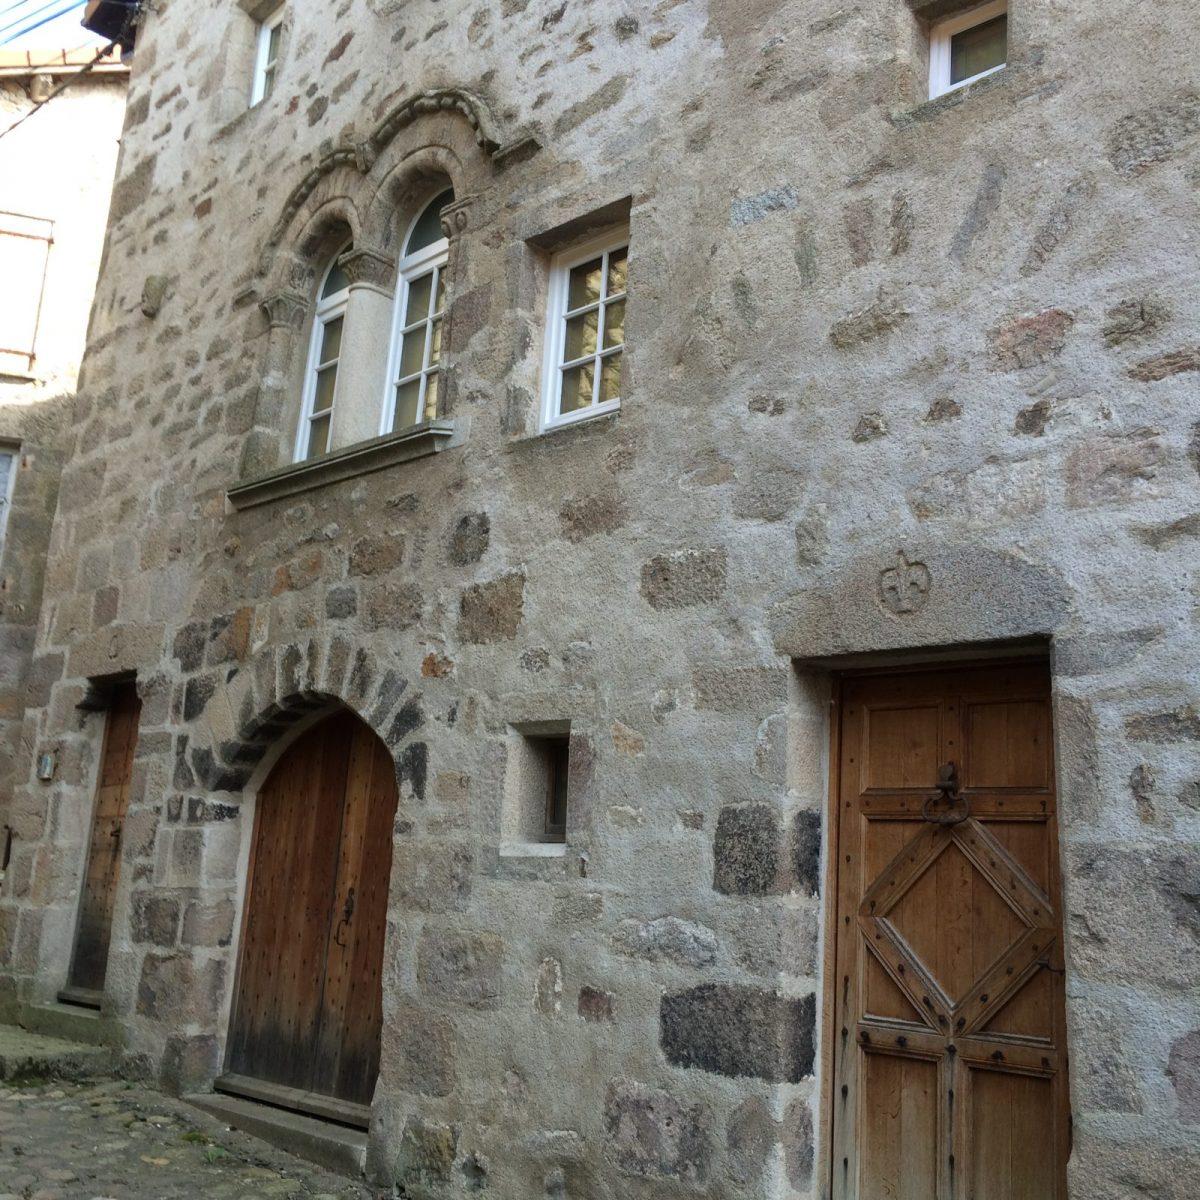 EVE_Visite du bourg médiéval _vieille maison 13éme siècle